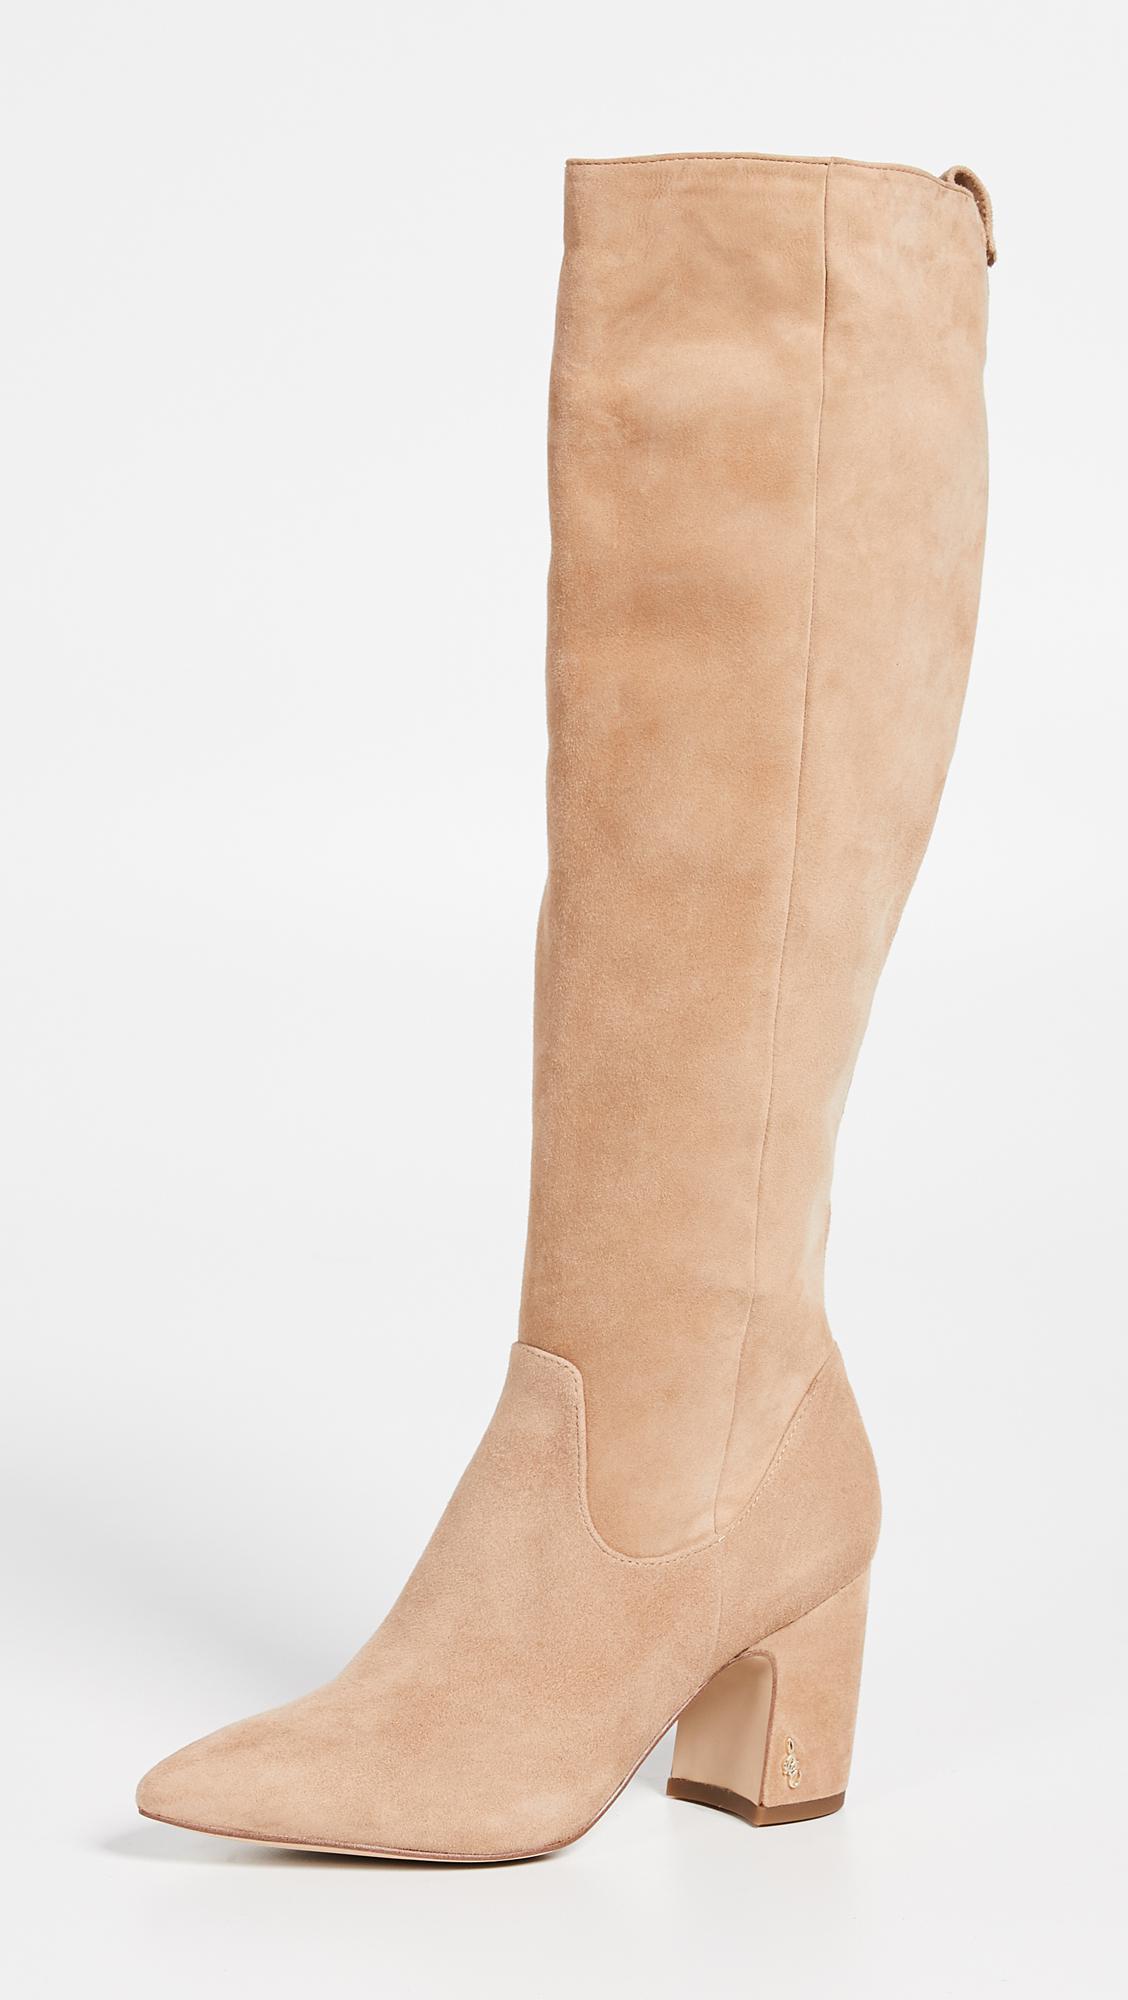 a023e32688acd7 Sam Edelman. Women s Hai Tall Boots